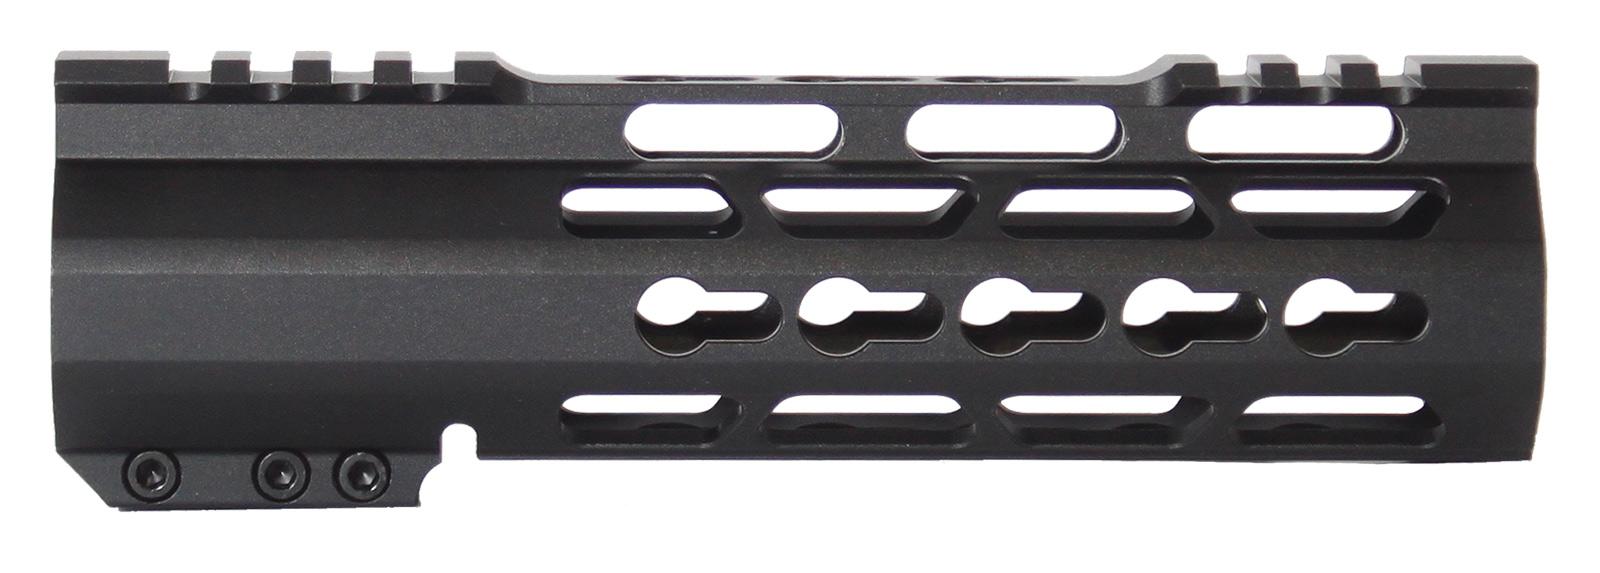 ar15-rail-7-inch-slim-free-float-keymod-120060